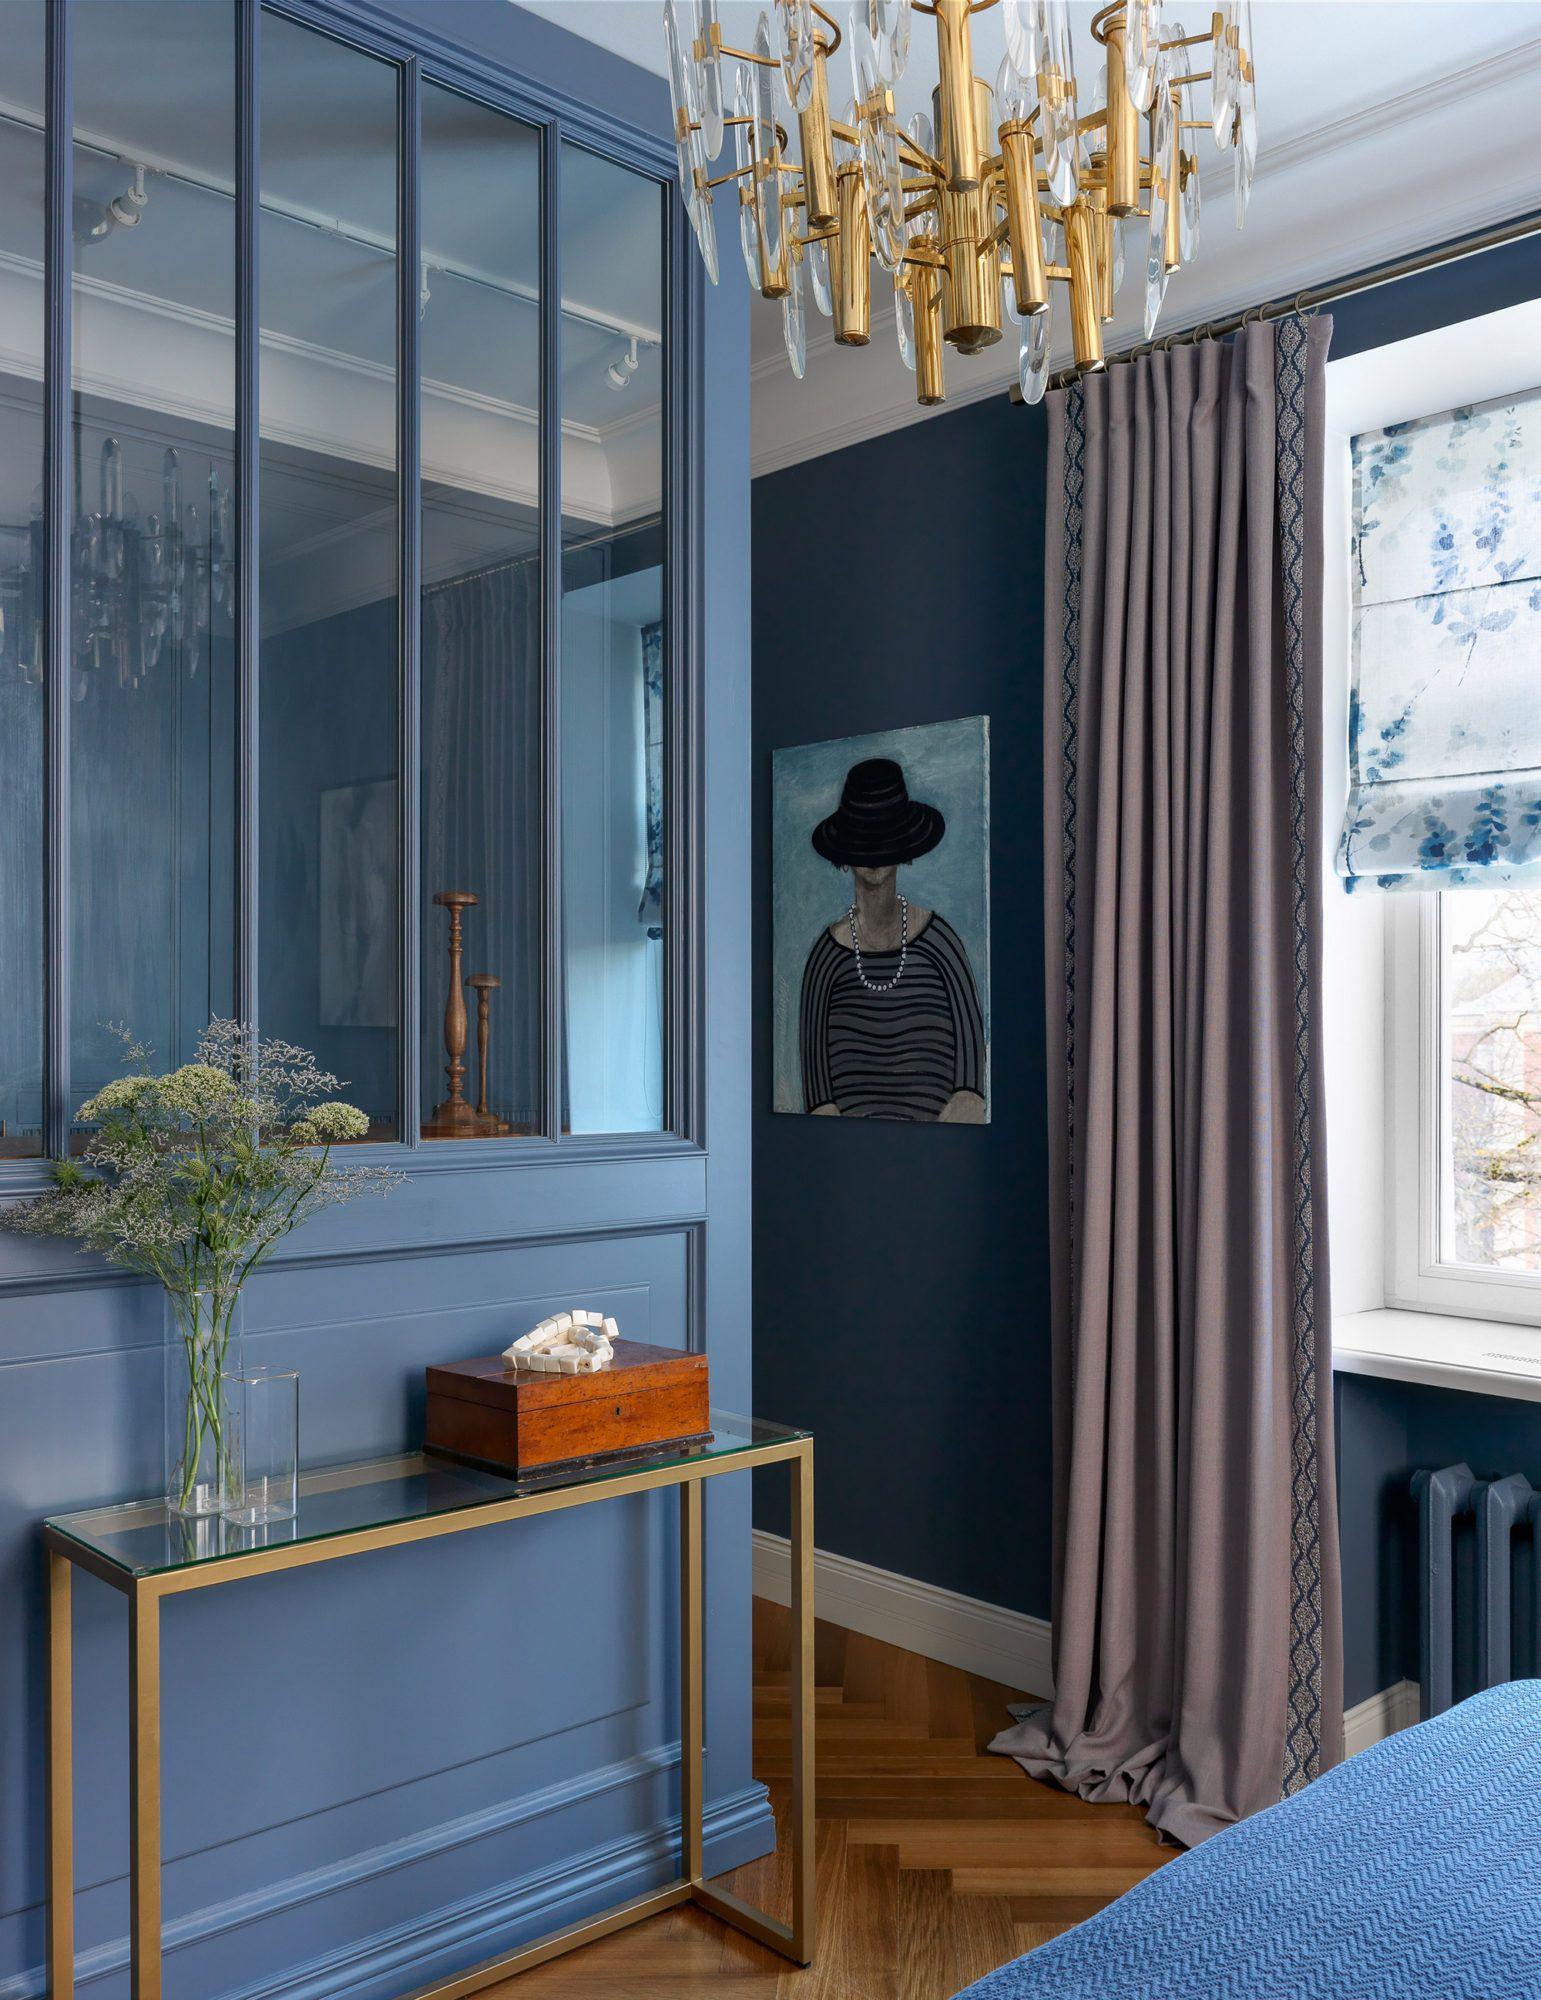 Living Room Interior Design Pdf: Квартира в Петергофе по проекту Марии Пилипенко, 100 м²